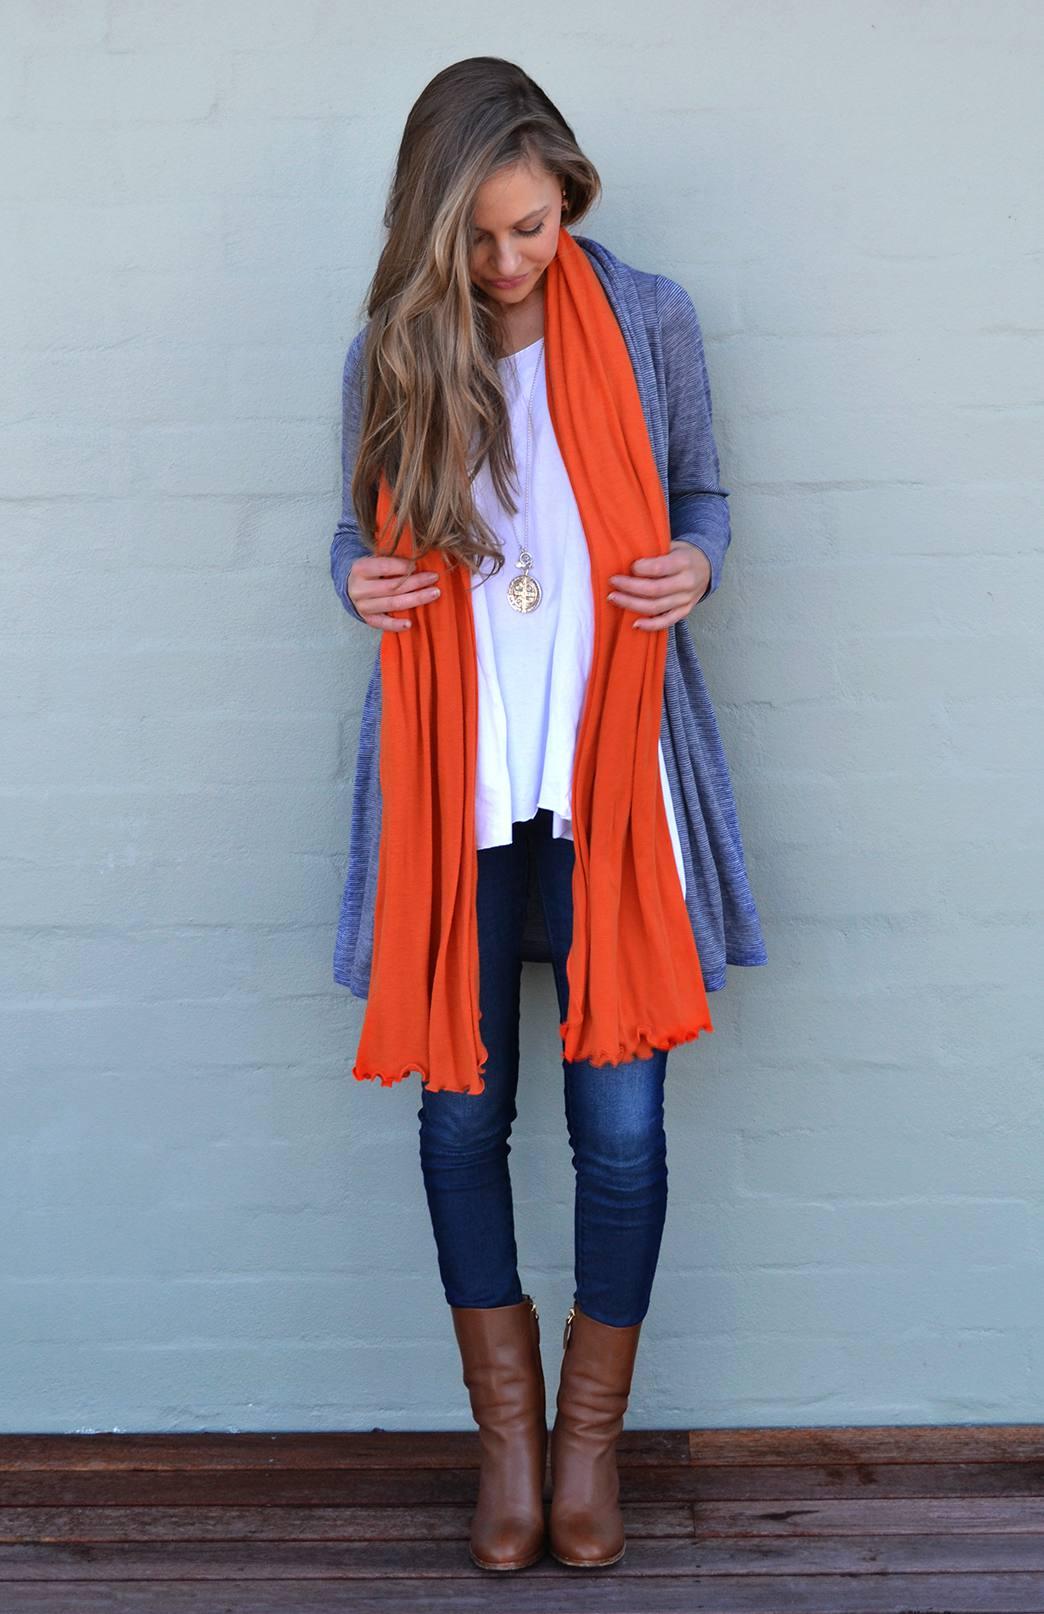 Merino Wool Scarf - Plain - Women's Superfine Merino Wool Classic Wide Scarf - Smitten Merino Tasmania Australia